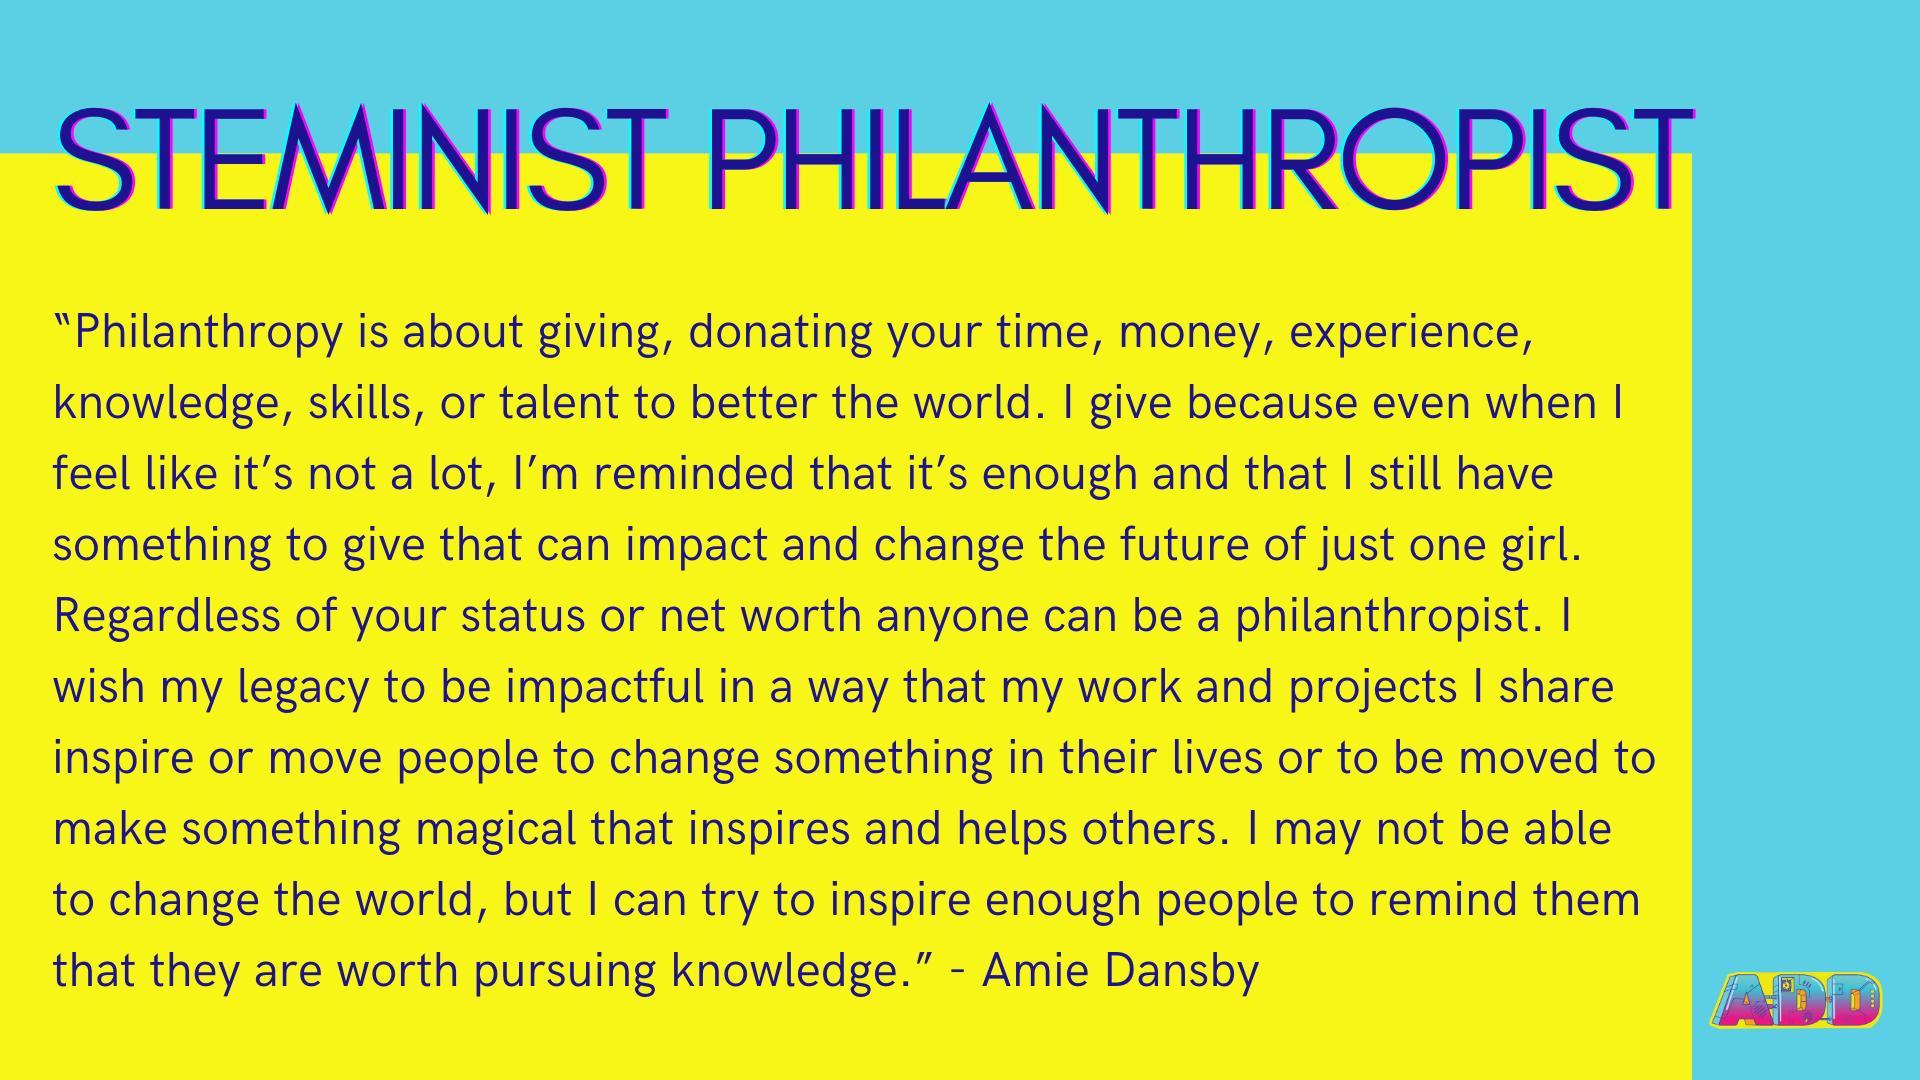 STEMinist Philanthropist